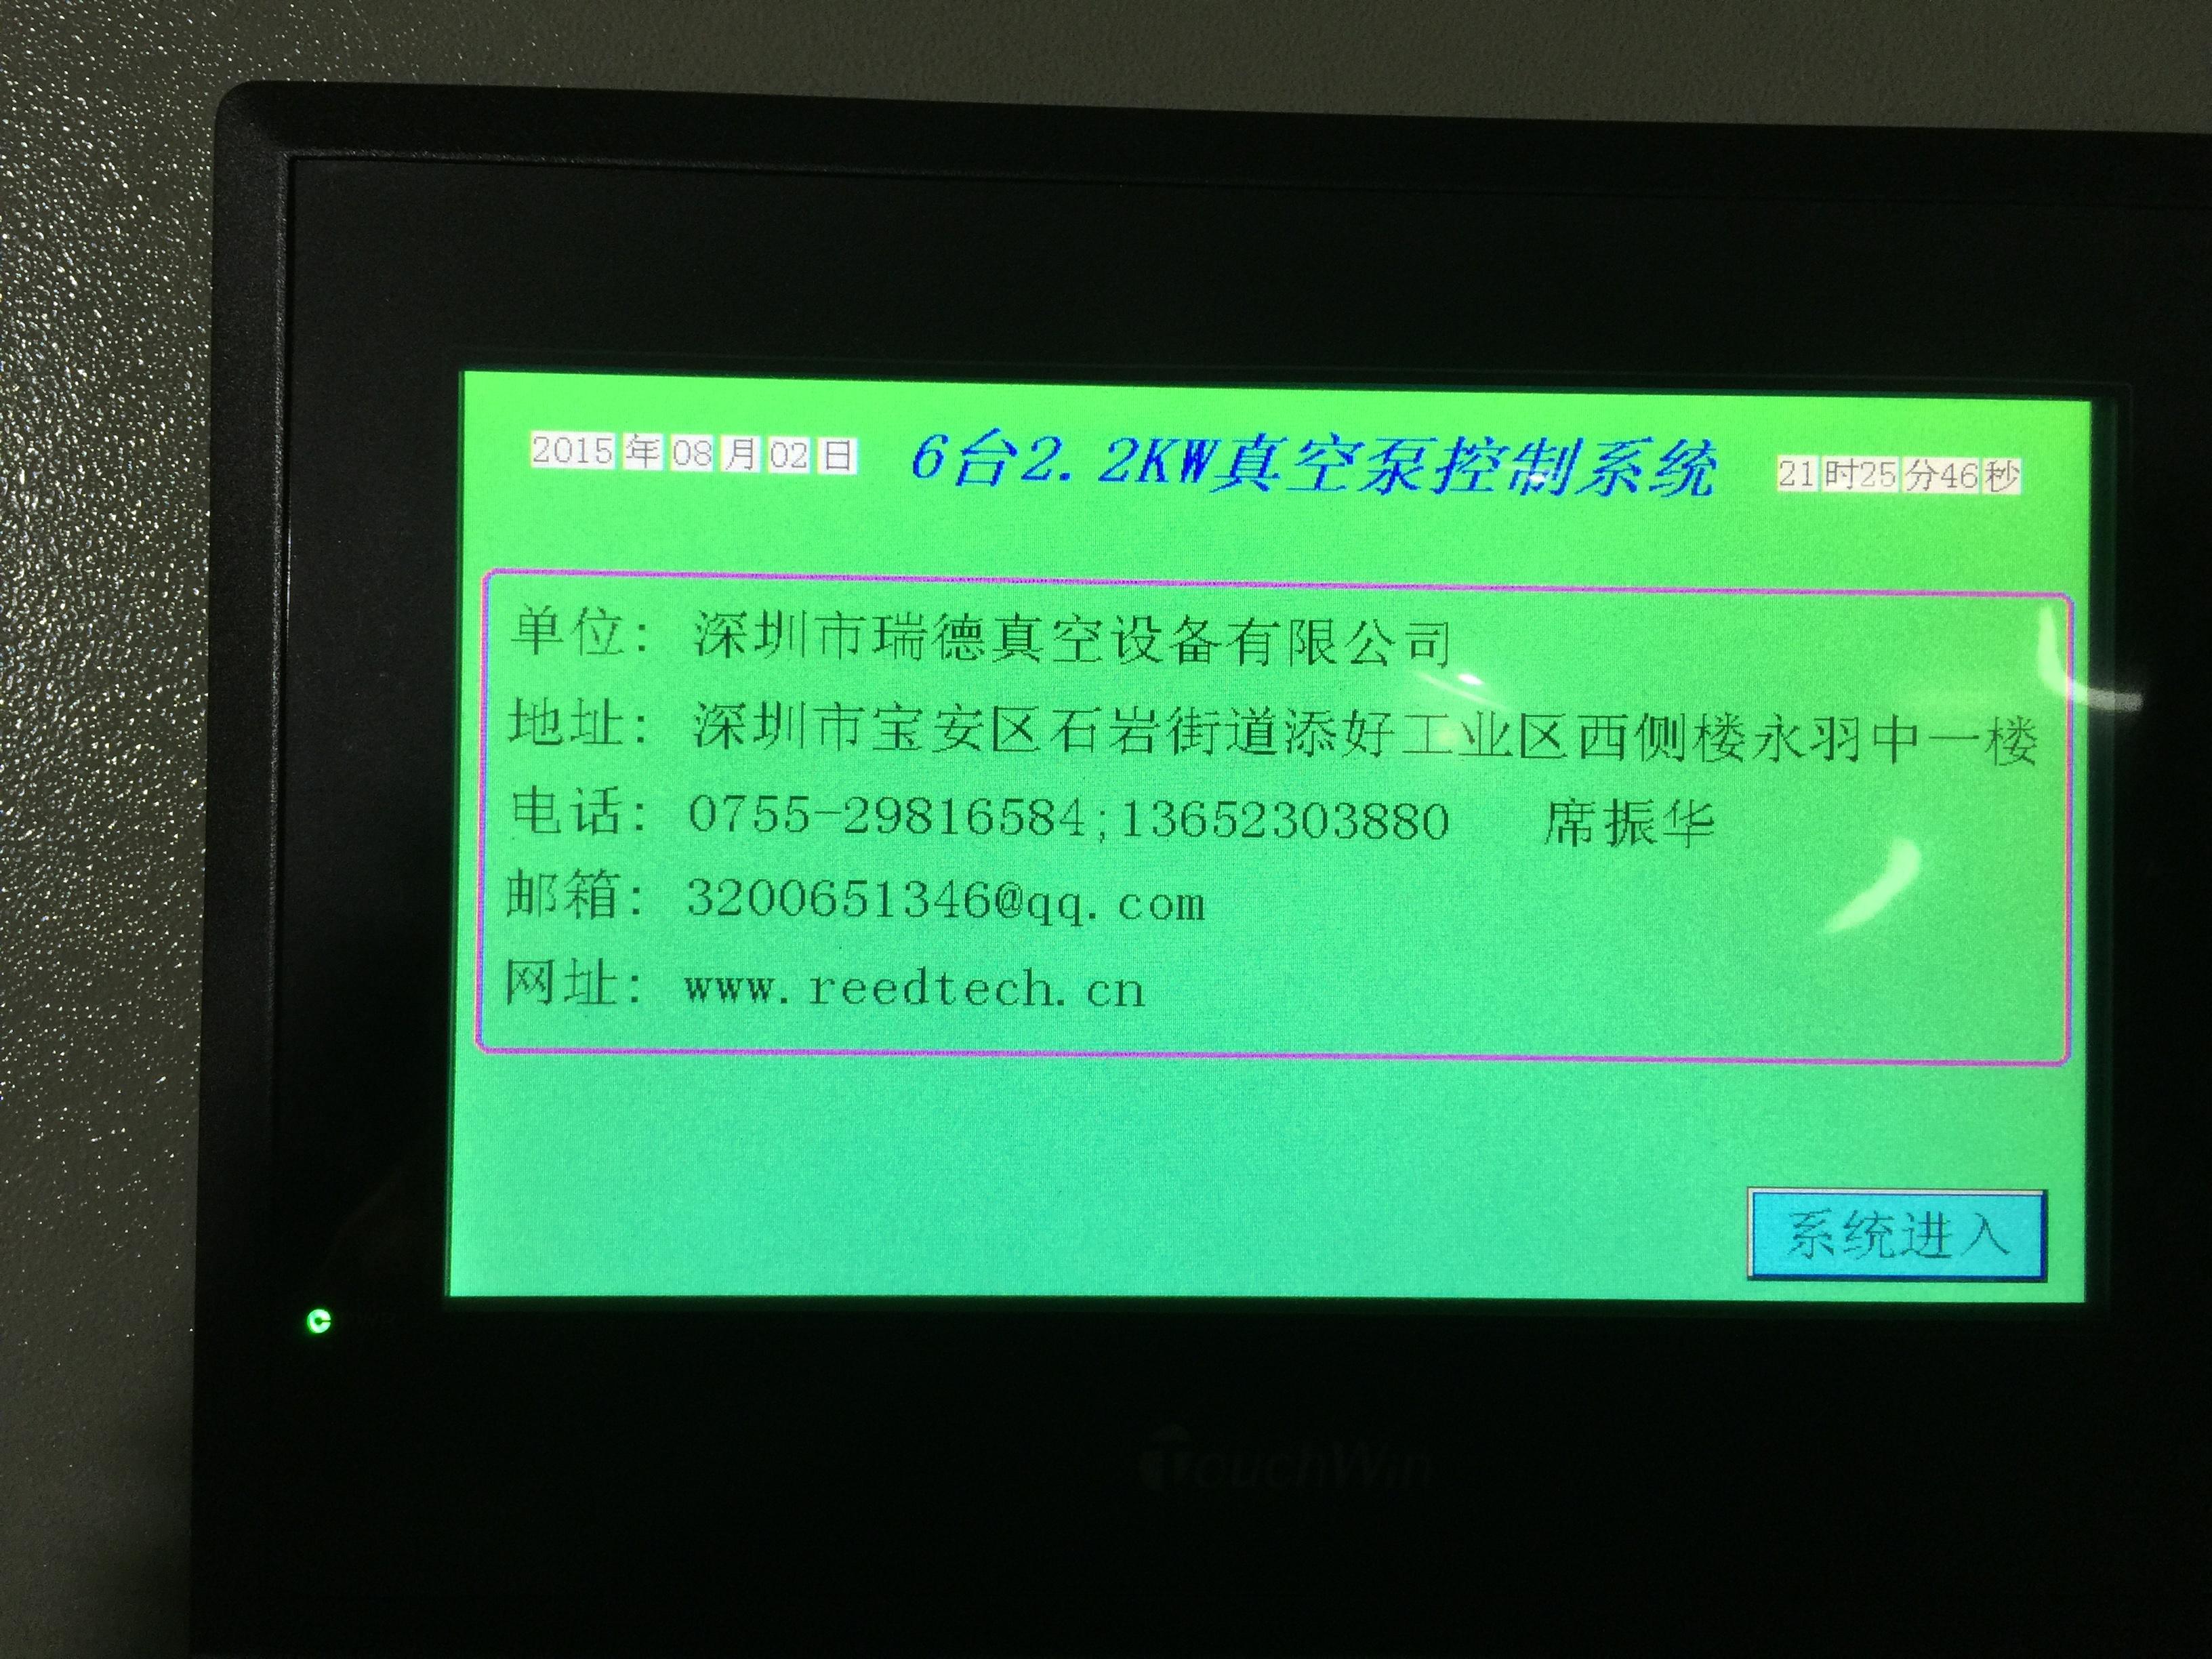 供应人机界面plc控制真空泵系统,席生13652303880